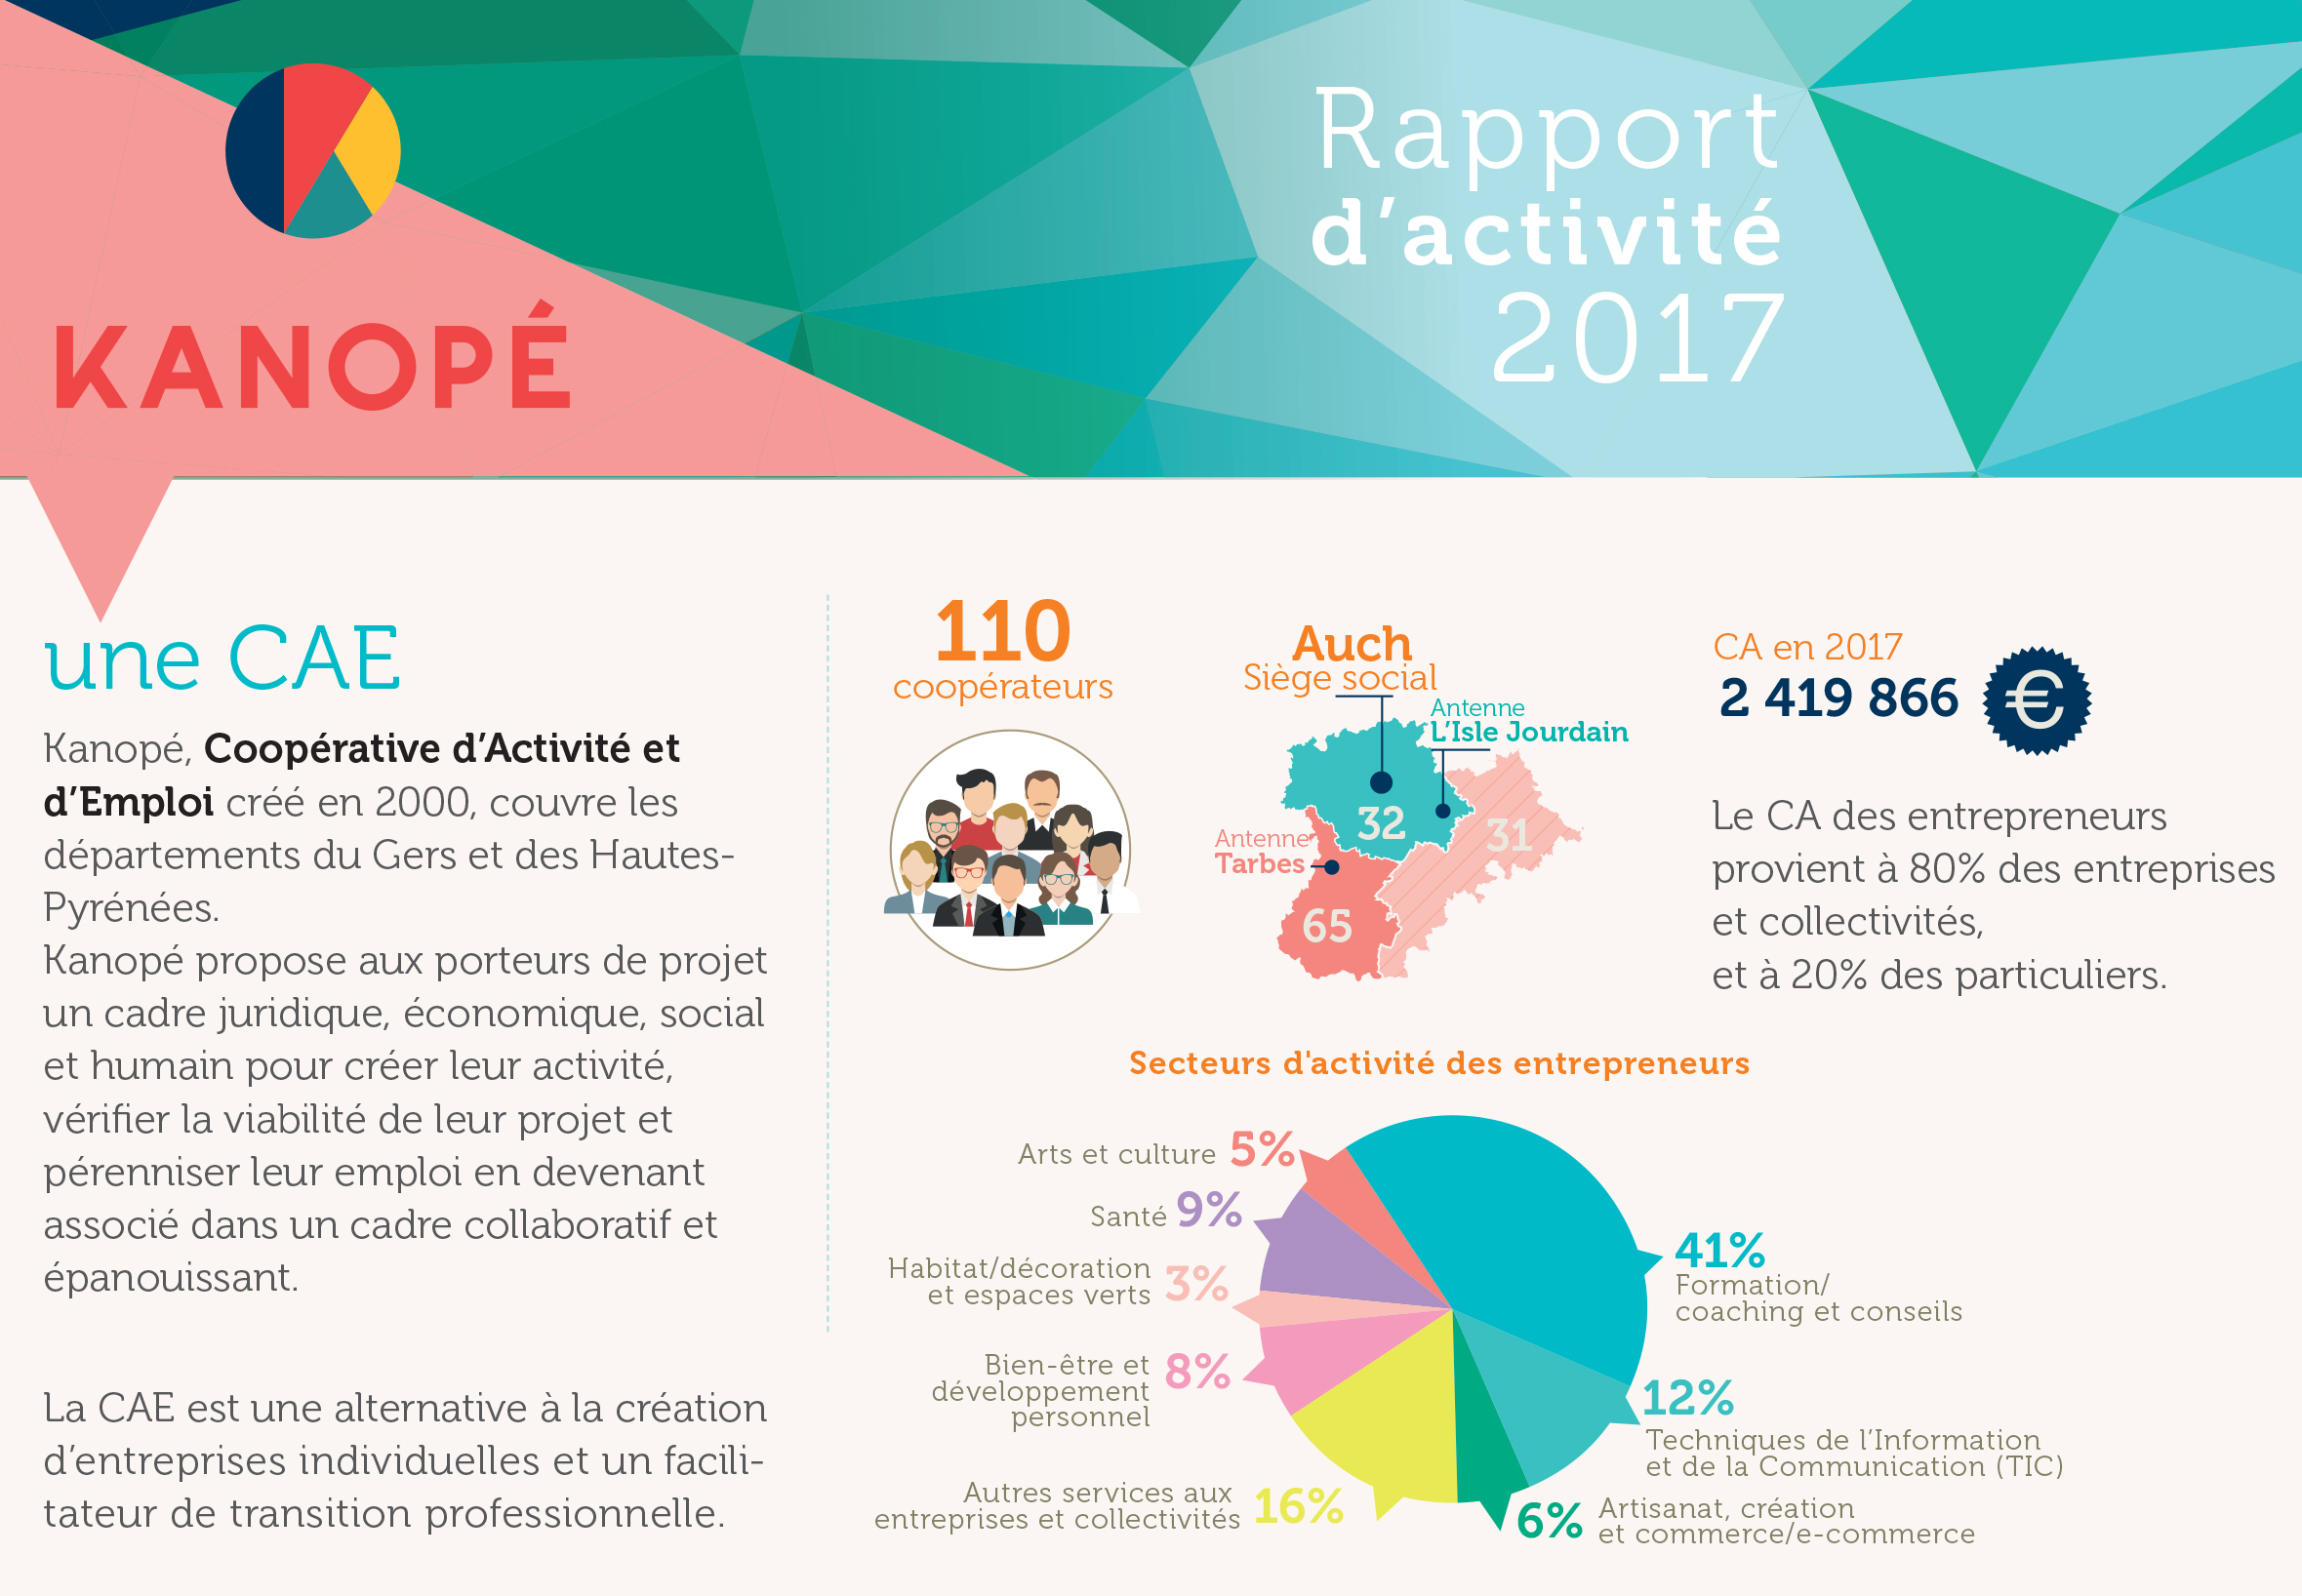 kanop rapport d 39 activit 2017 de la coop rative d 39 activit et d 39 emploi. Black Bedroom Furniture Sets. Home Design Ideas